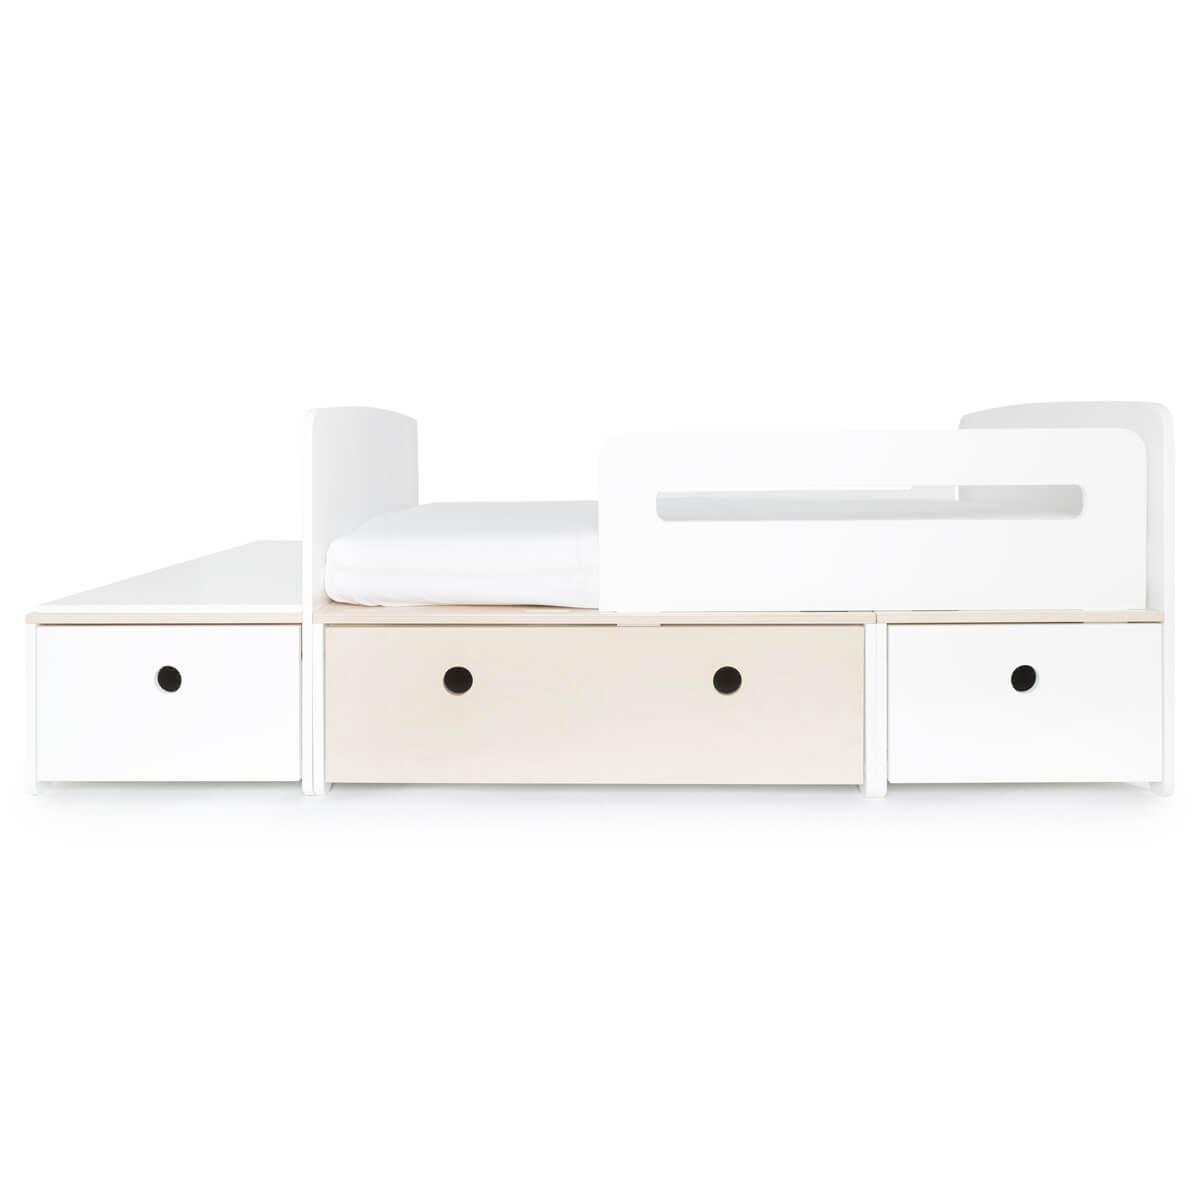 Cama evolutiva infantil 90x150/200cm COLORFLEX white-white wash-white